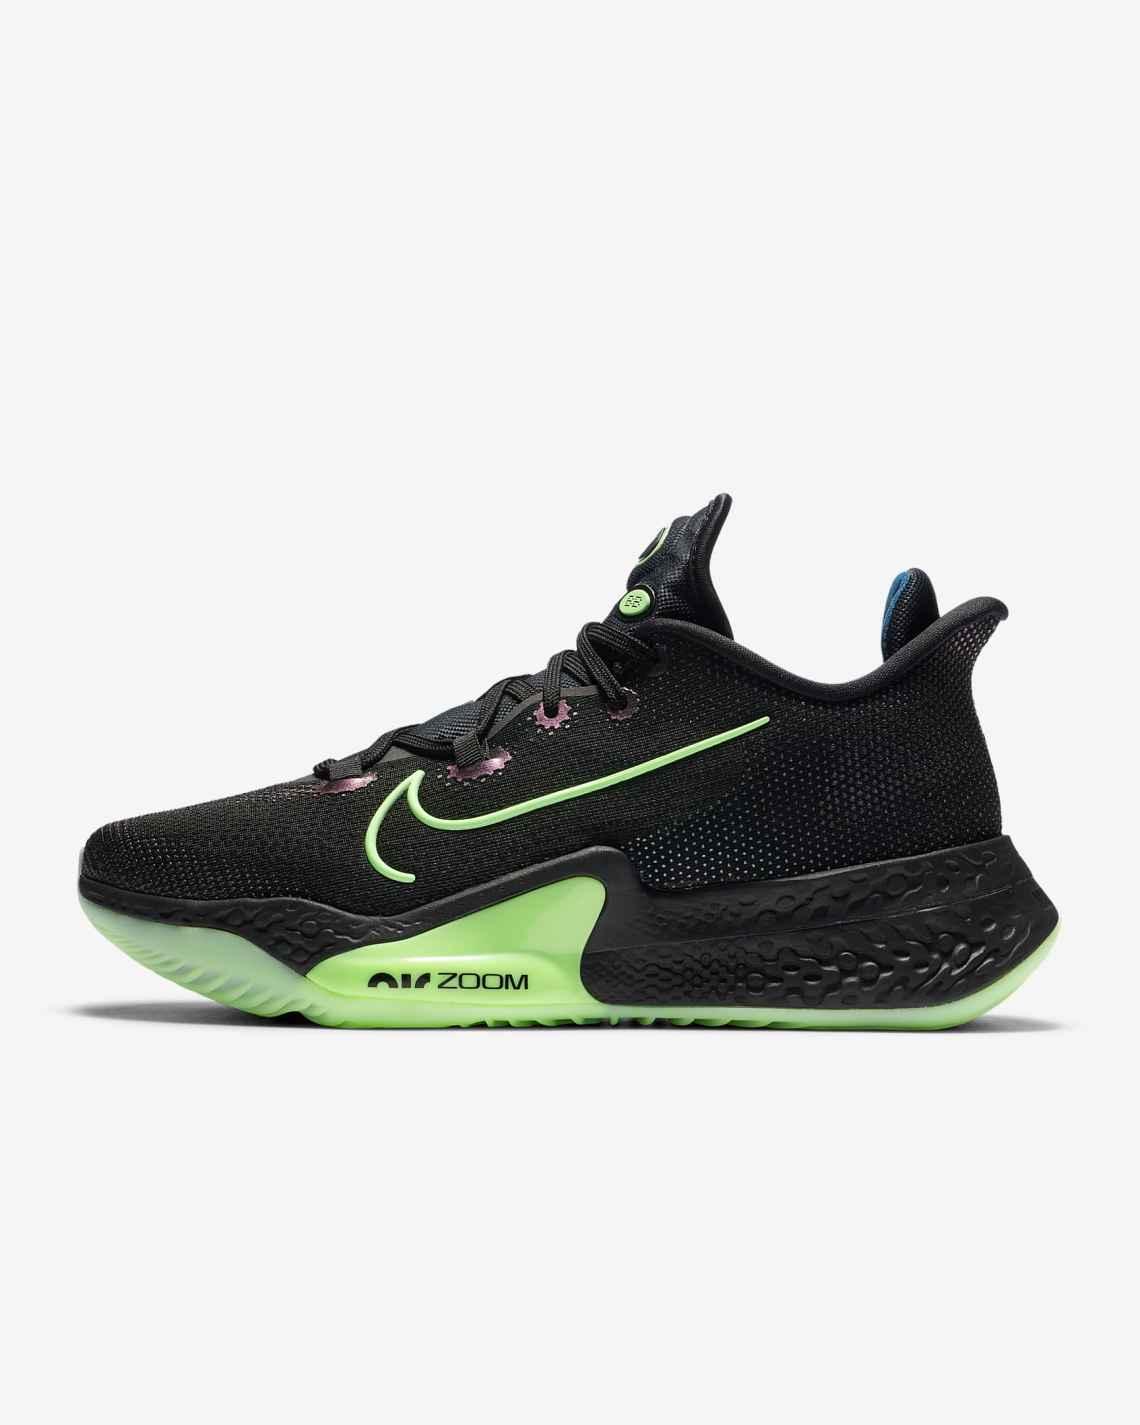 Nike Air Zoom BB NXT รองเท้าบาสเก็ตบอลที่เปิดตัวออกมาพร้อมกับ Nike Air Zoom Alphafly NEXT% วางจำหน่ายในประเทศไทยแล้ว ราคา 6,400 บาท